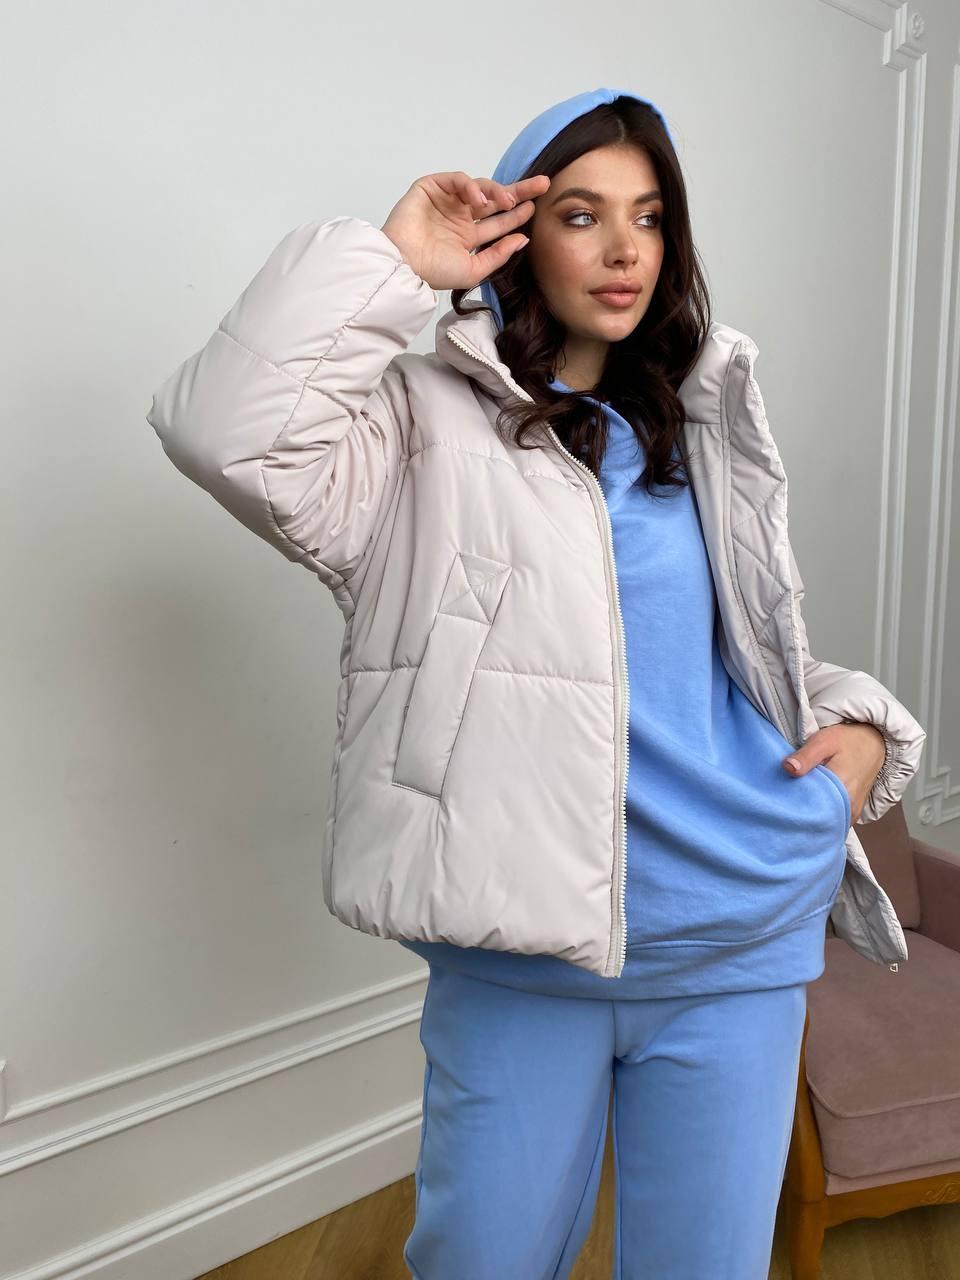 Муд куртка из плащевой ткани 10509 АРТ. 46918 Цвет: Молоко 970 - фото 4, интернет магазин tm-modus.ru